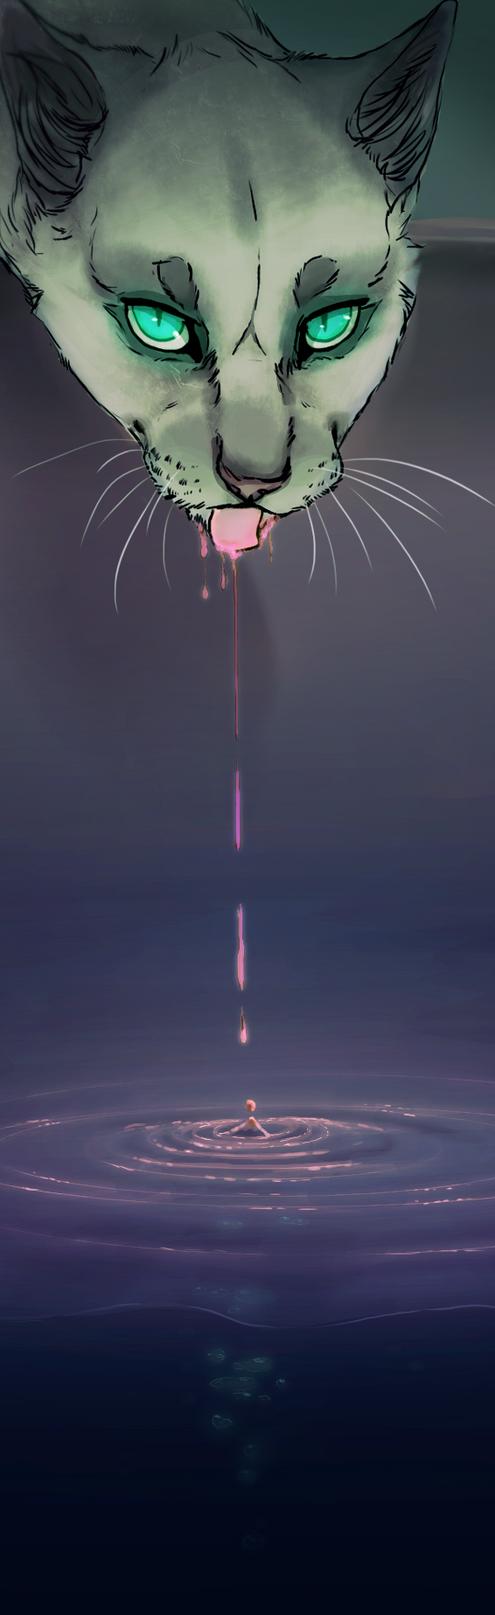 Drip Drop by Lilinera